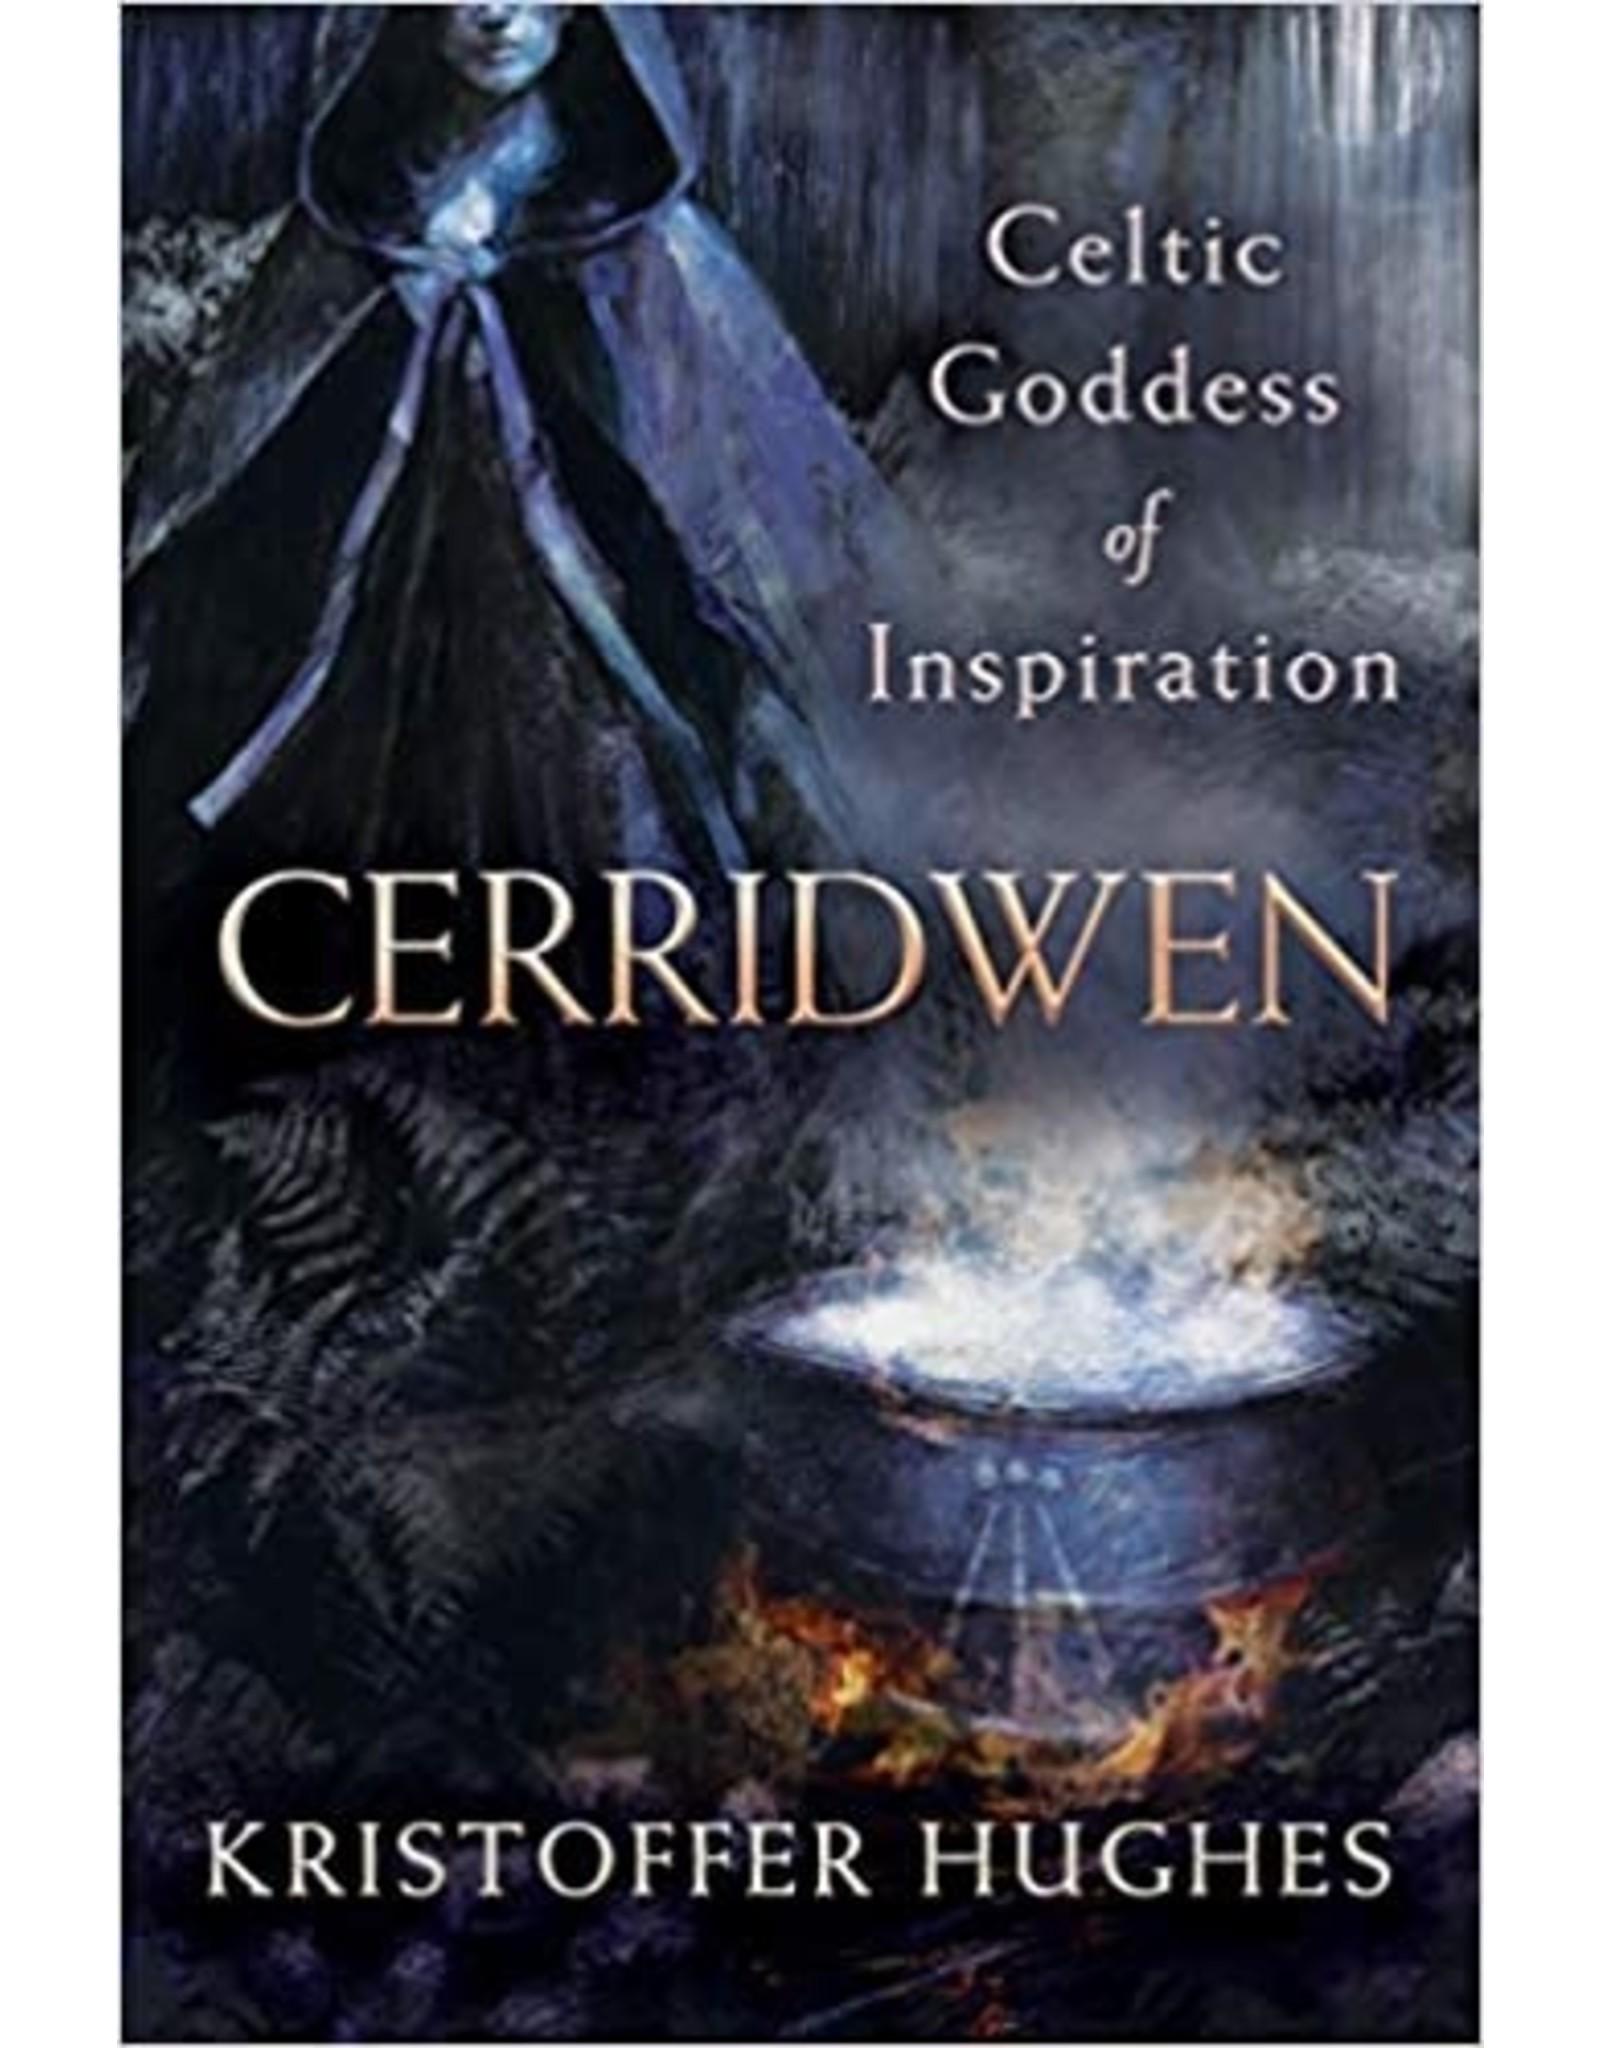 Celtic Goddess of Inspiration Cerridwen